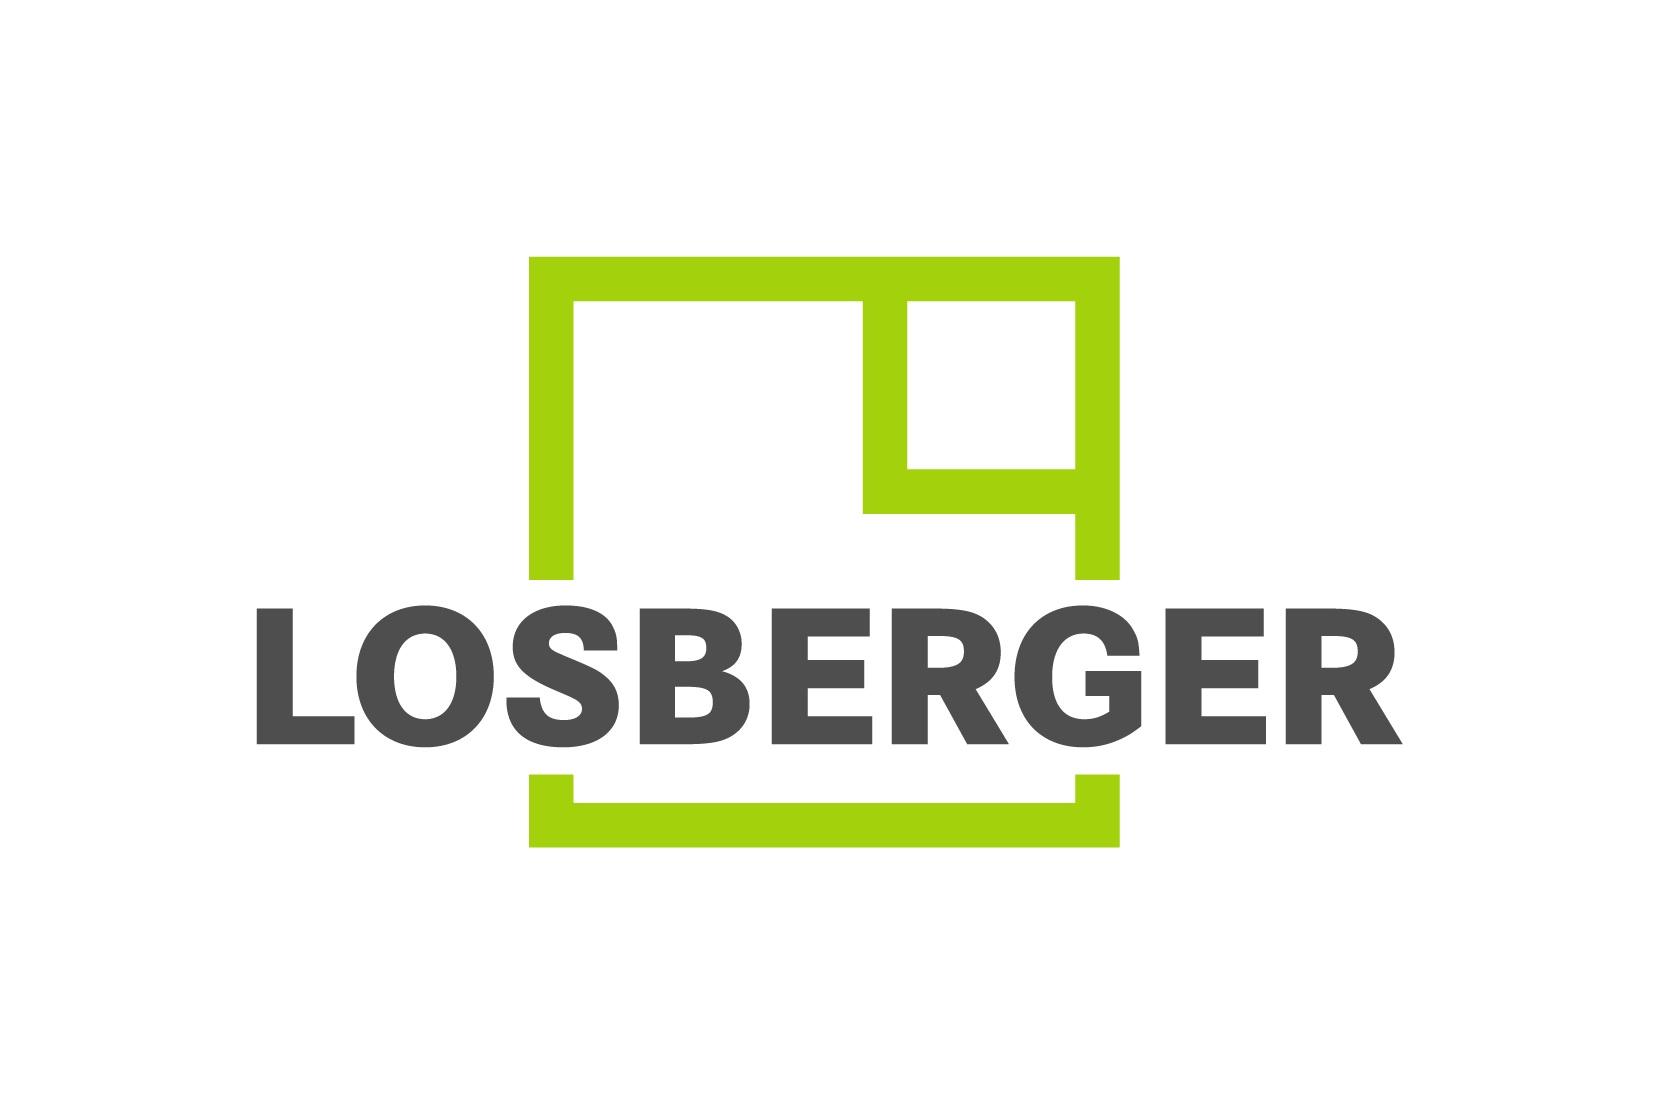 losberger logo